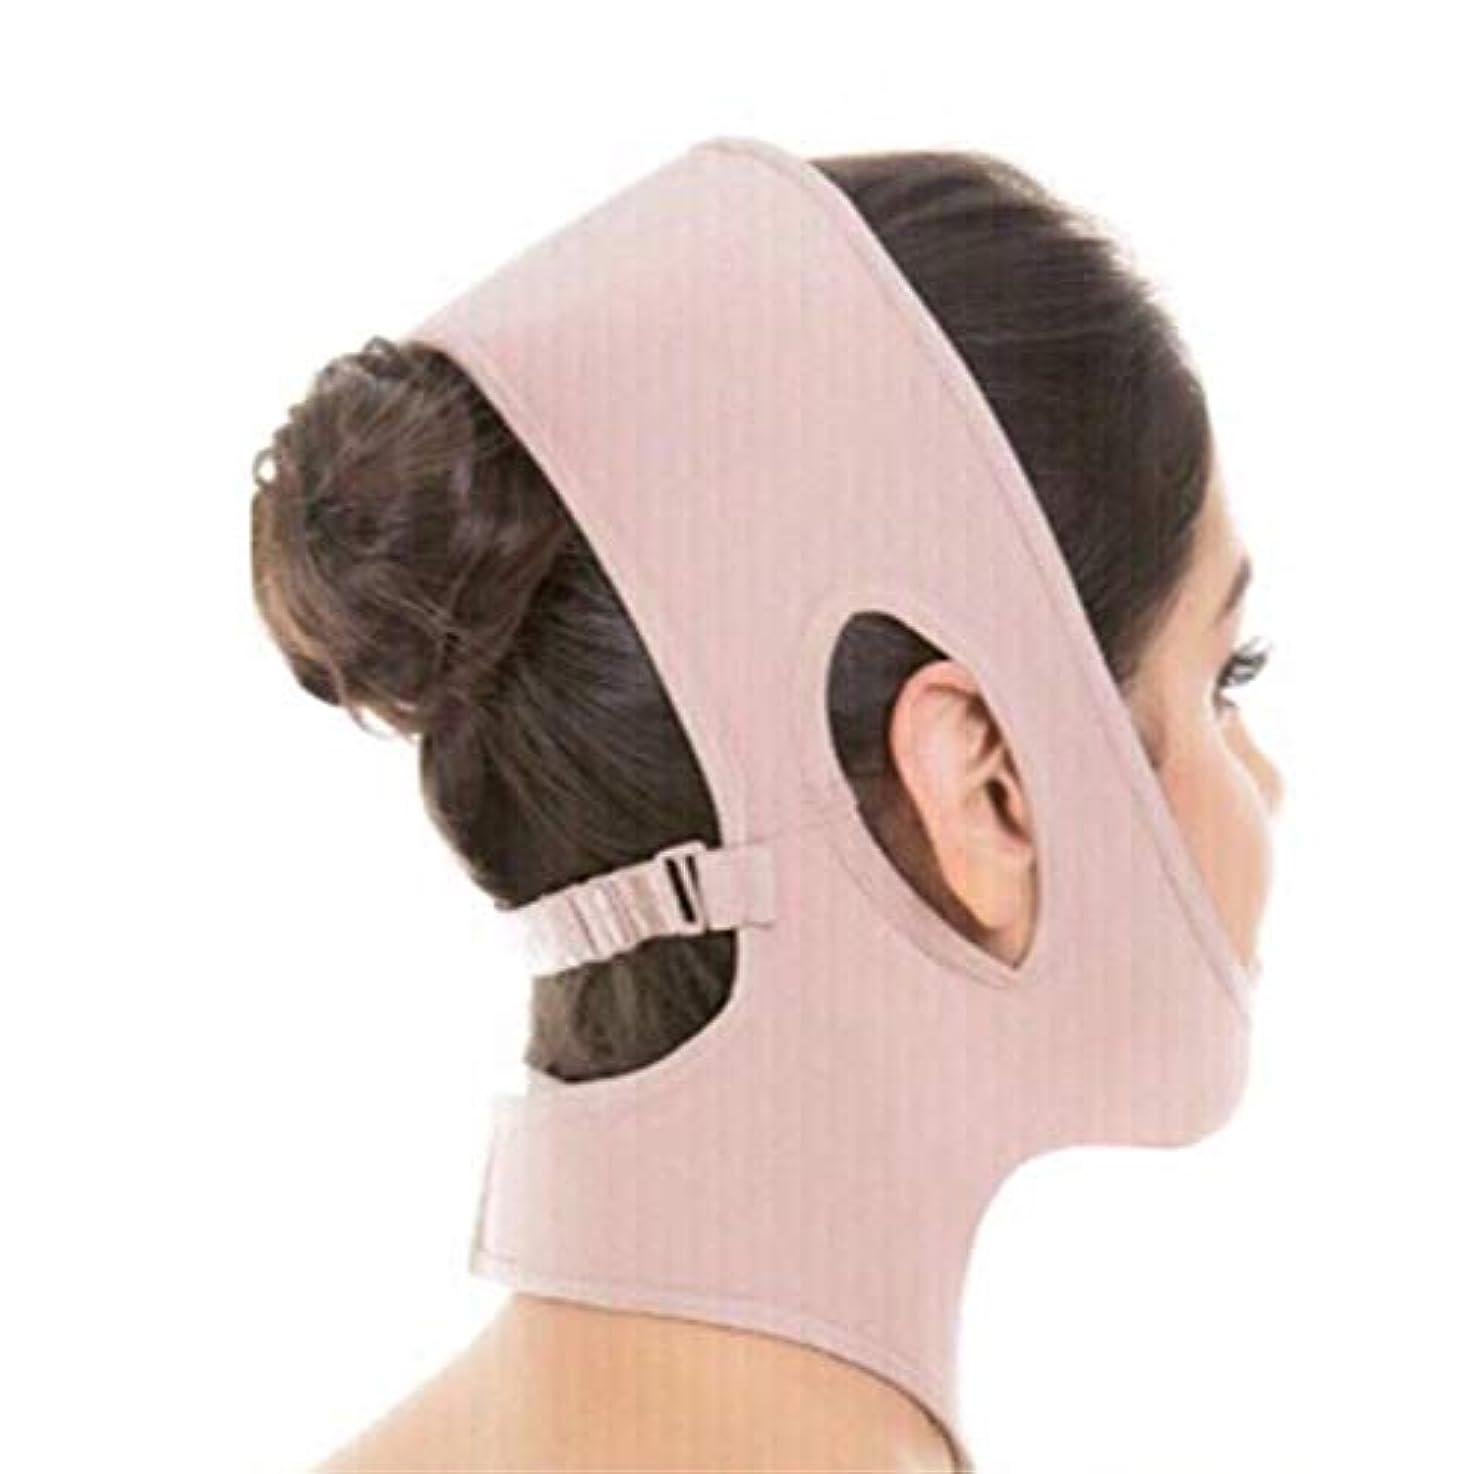 率直なスチュワード件名XHLMRMJ フェイスリフティング包帯、フェイスリフティングマスク、顔の皮膚の首と首を持ち上げる、二重あごを減らすために顔を持ち上げる(ワンサイズフィット) (Color : Khaki)